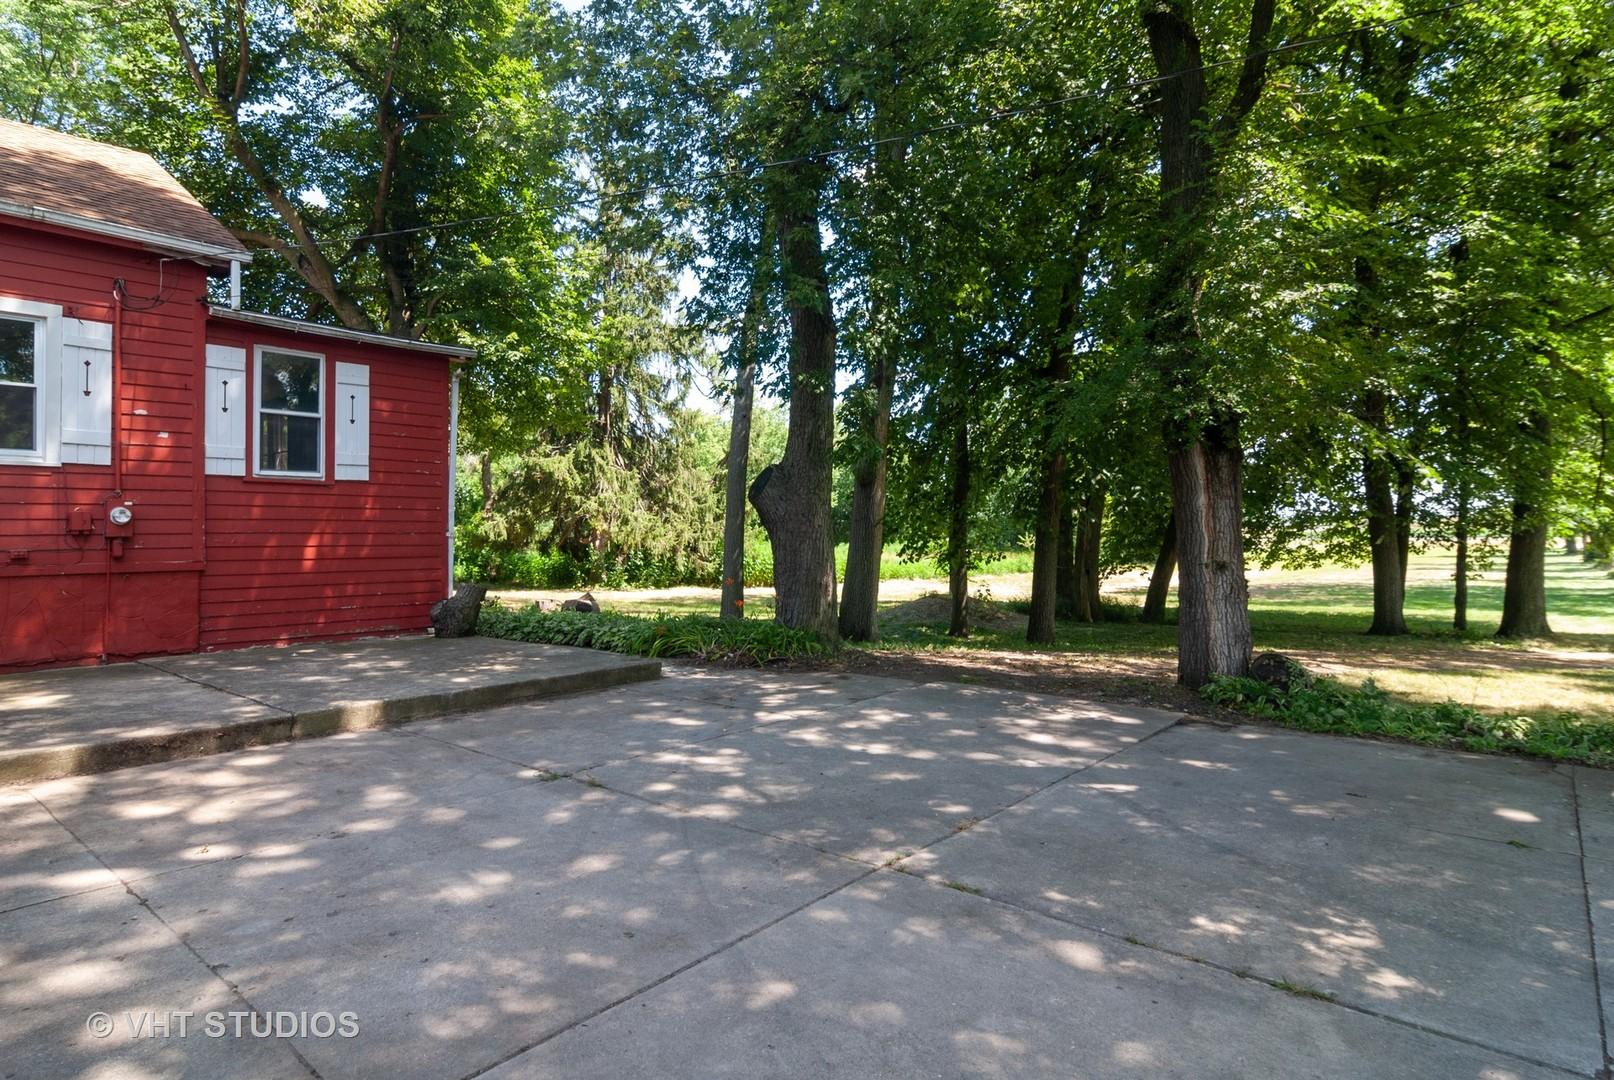 2N152 Kautz, ST. CHARLES, Illinois, 60174